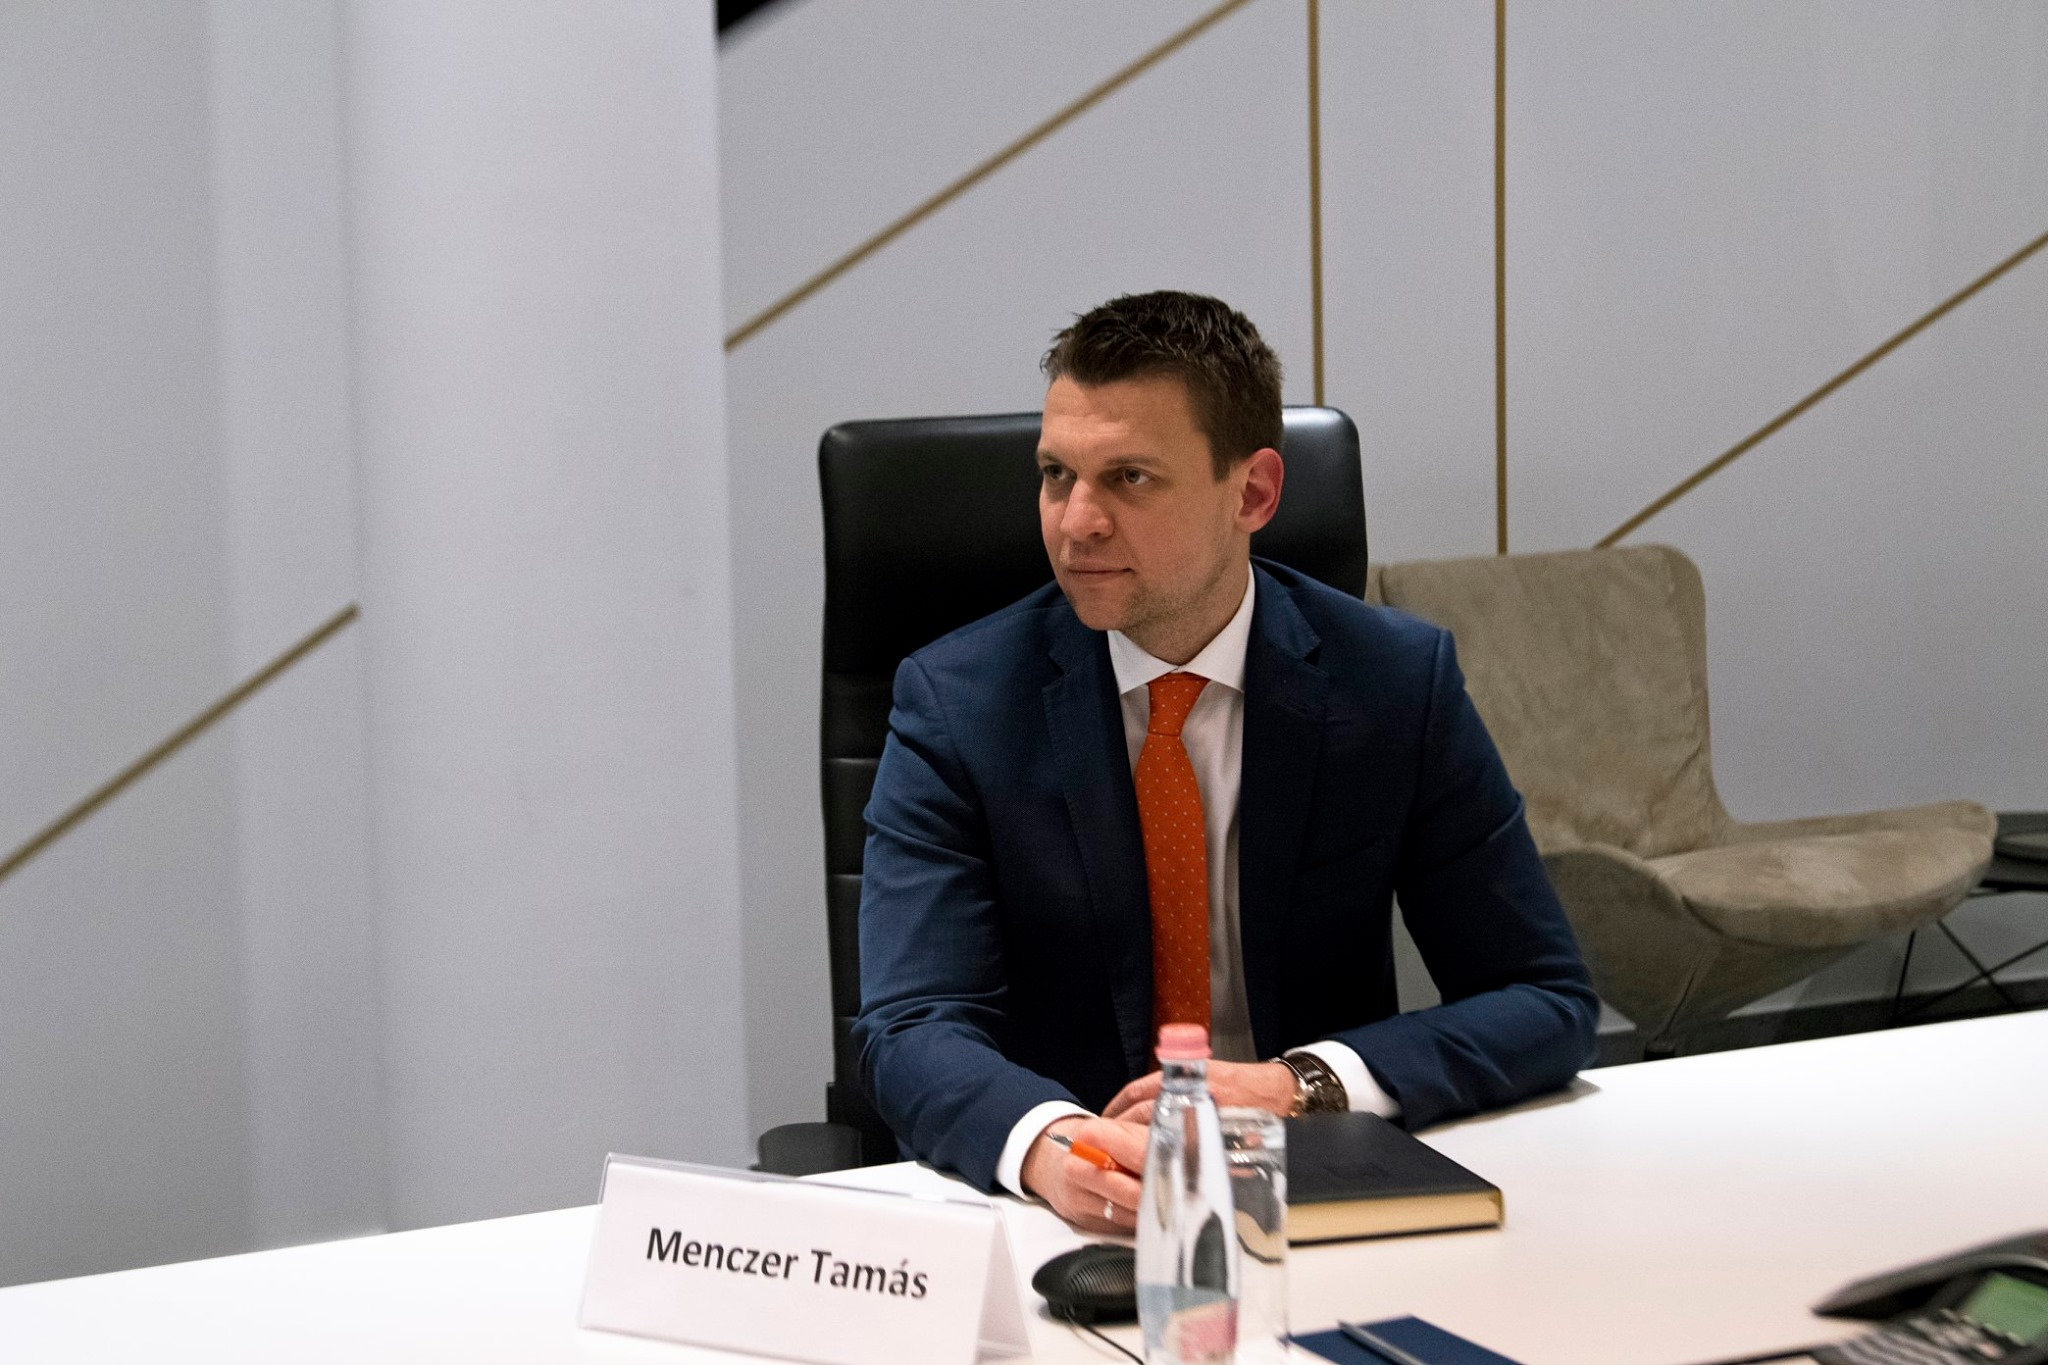 Menczer Tamás